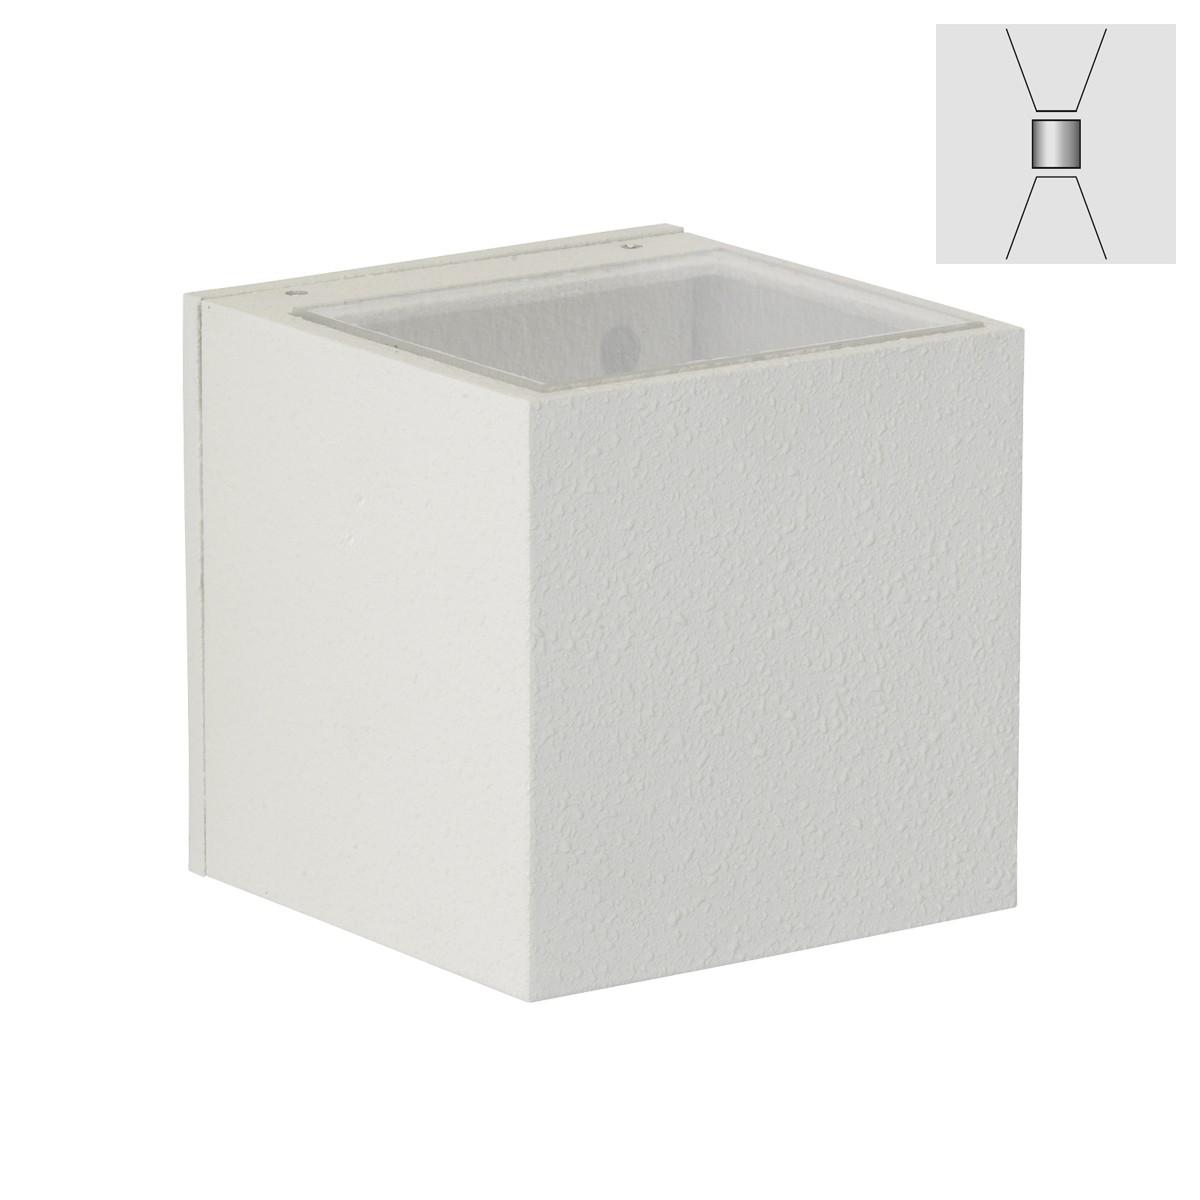 Albert 2372 Wandstrahler, breit/breit, weiß